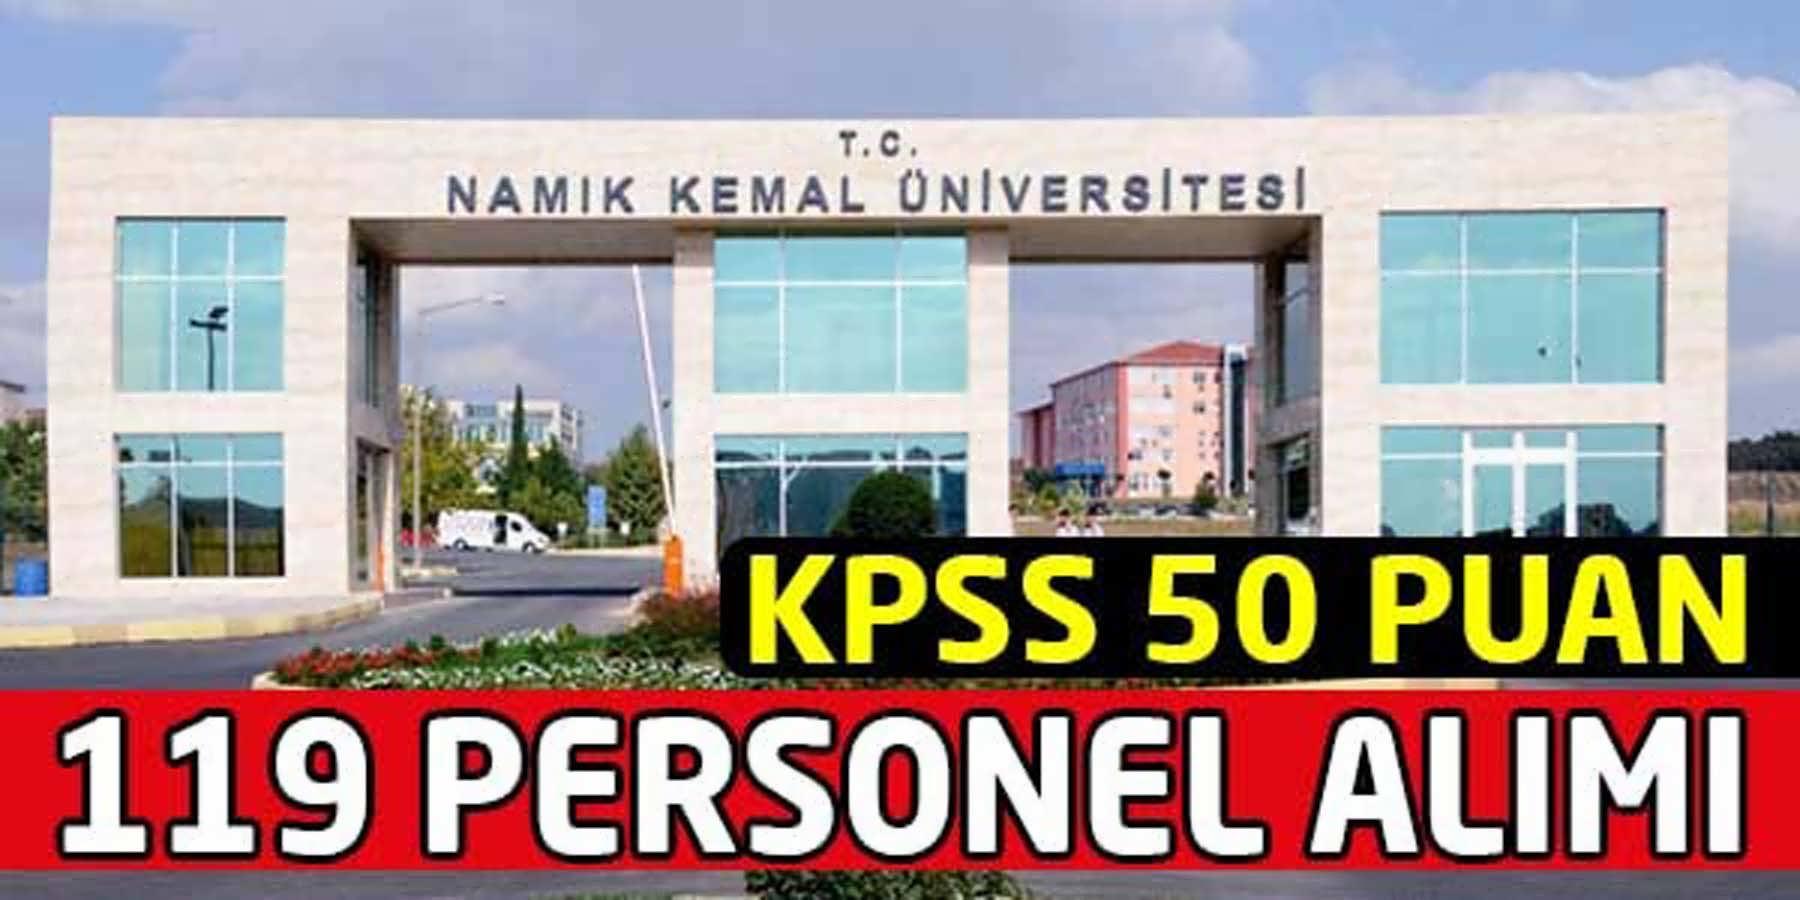 Namık Kemal Üniversitesi 119 Personel Alımı